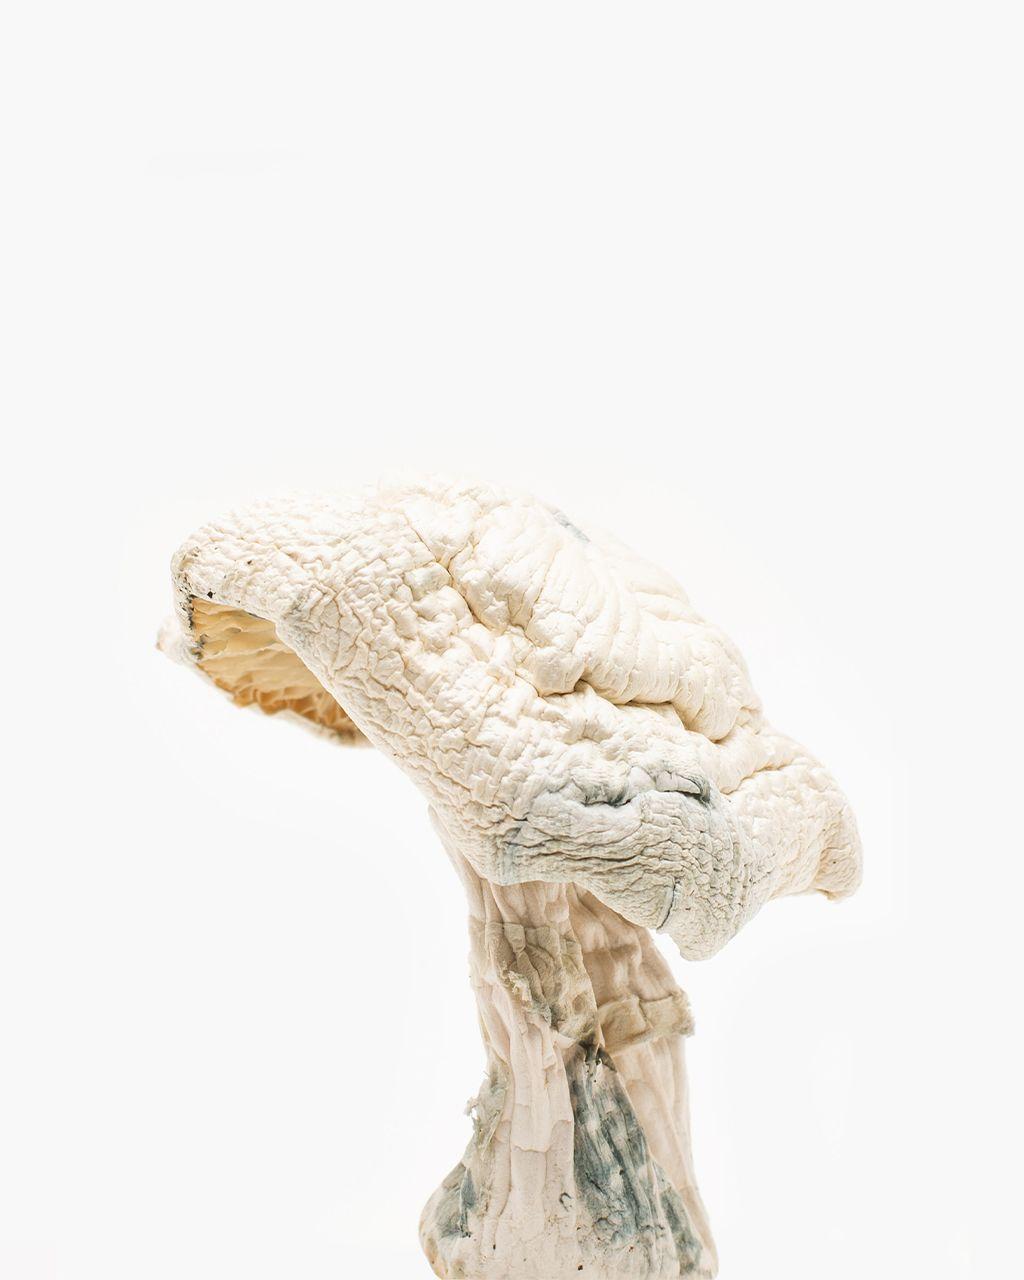 Avery's Albino Mushrooms